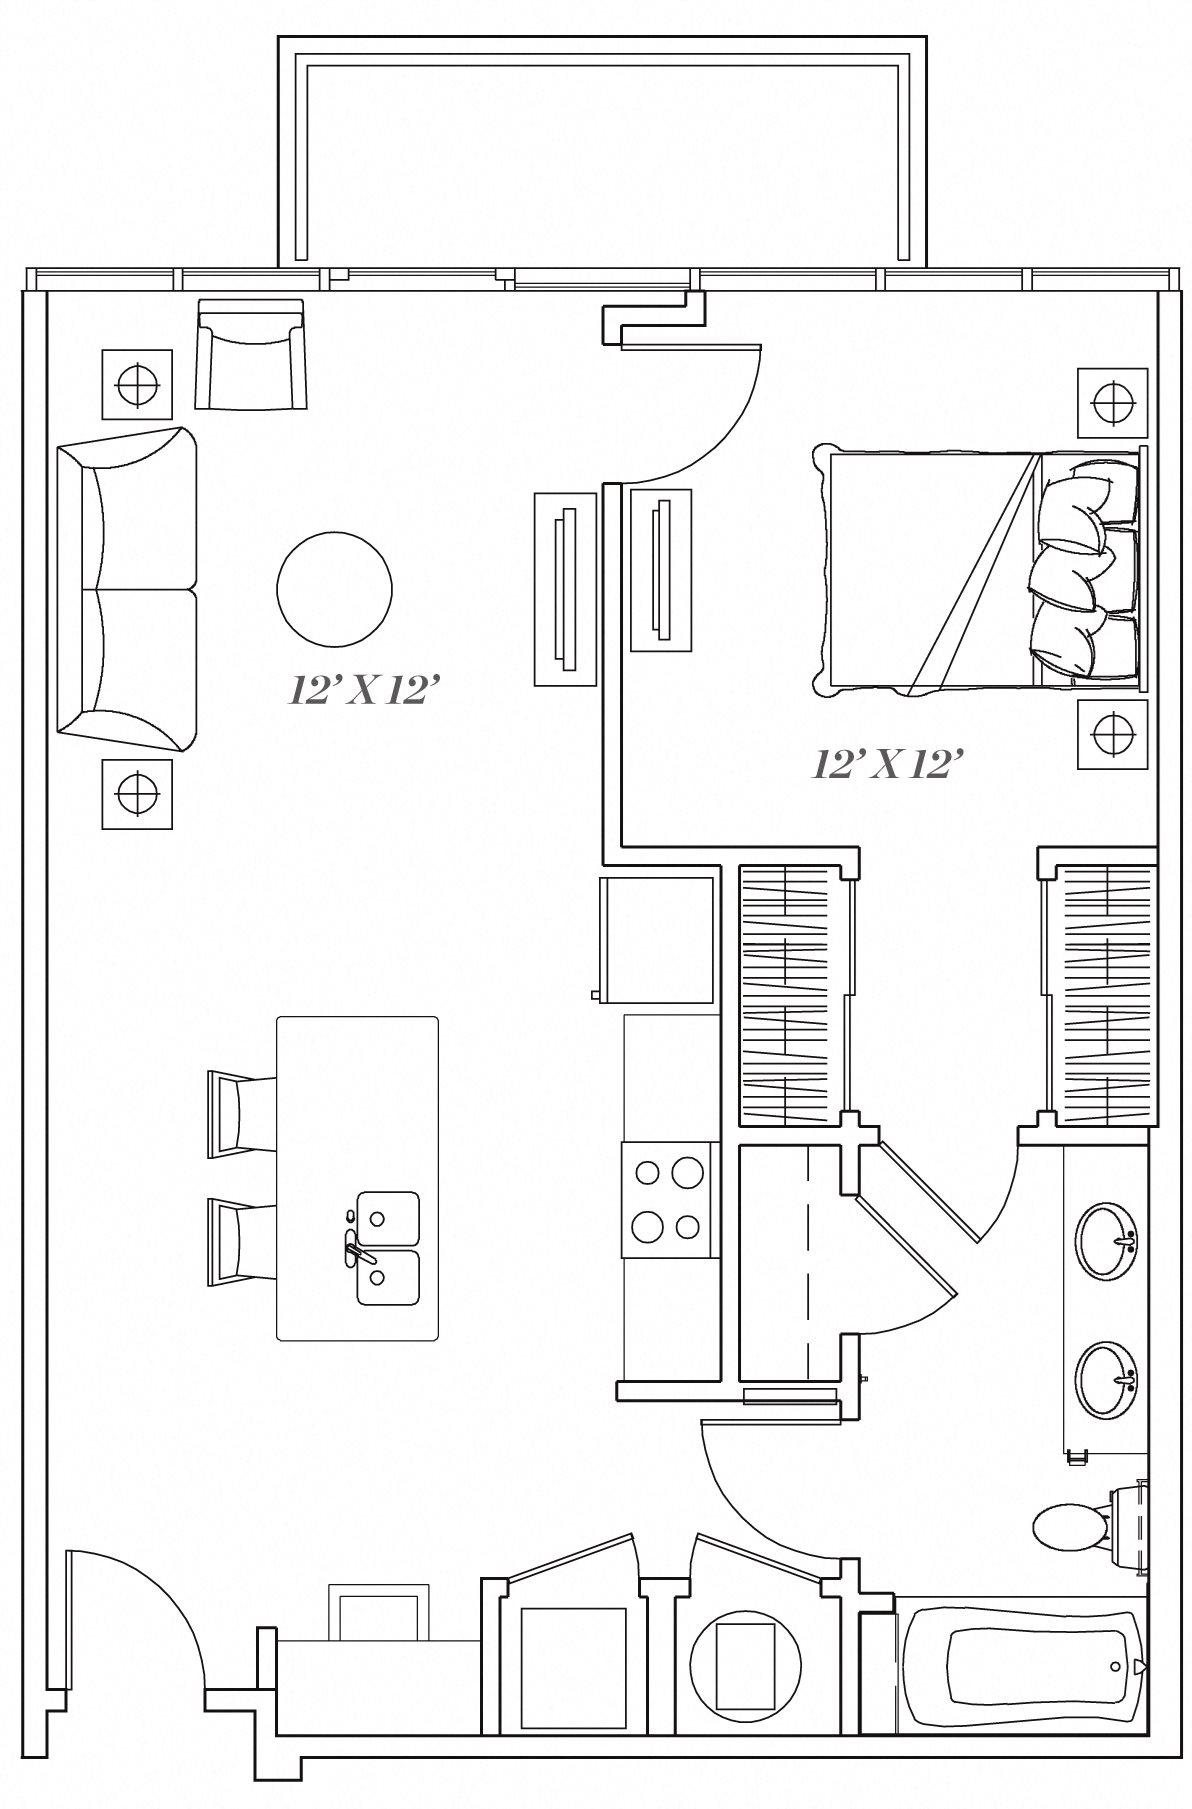 1F Floor Plan 7